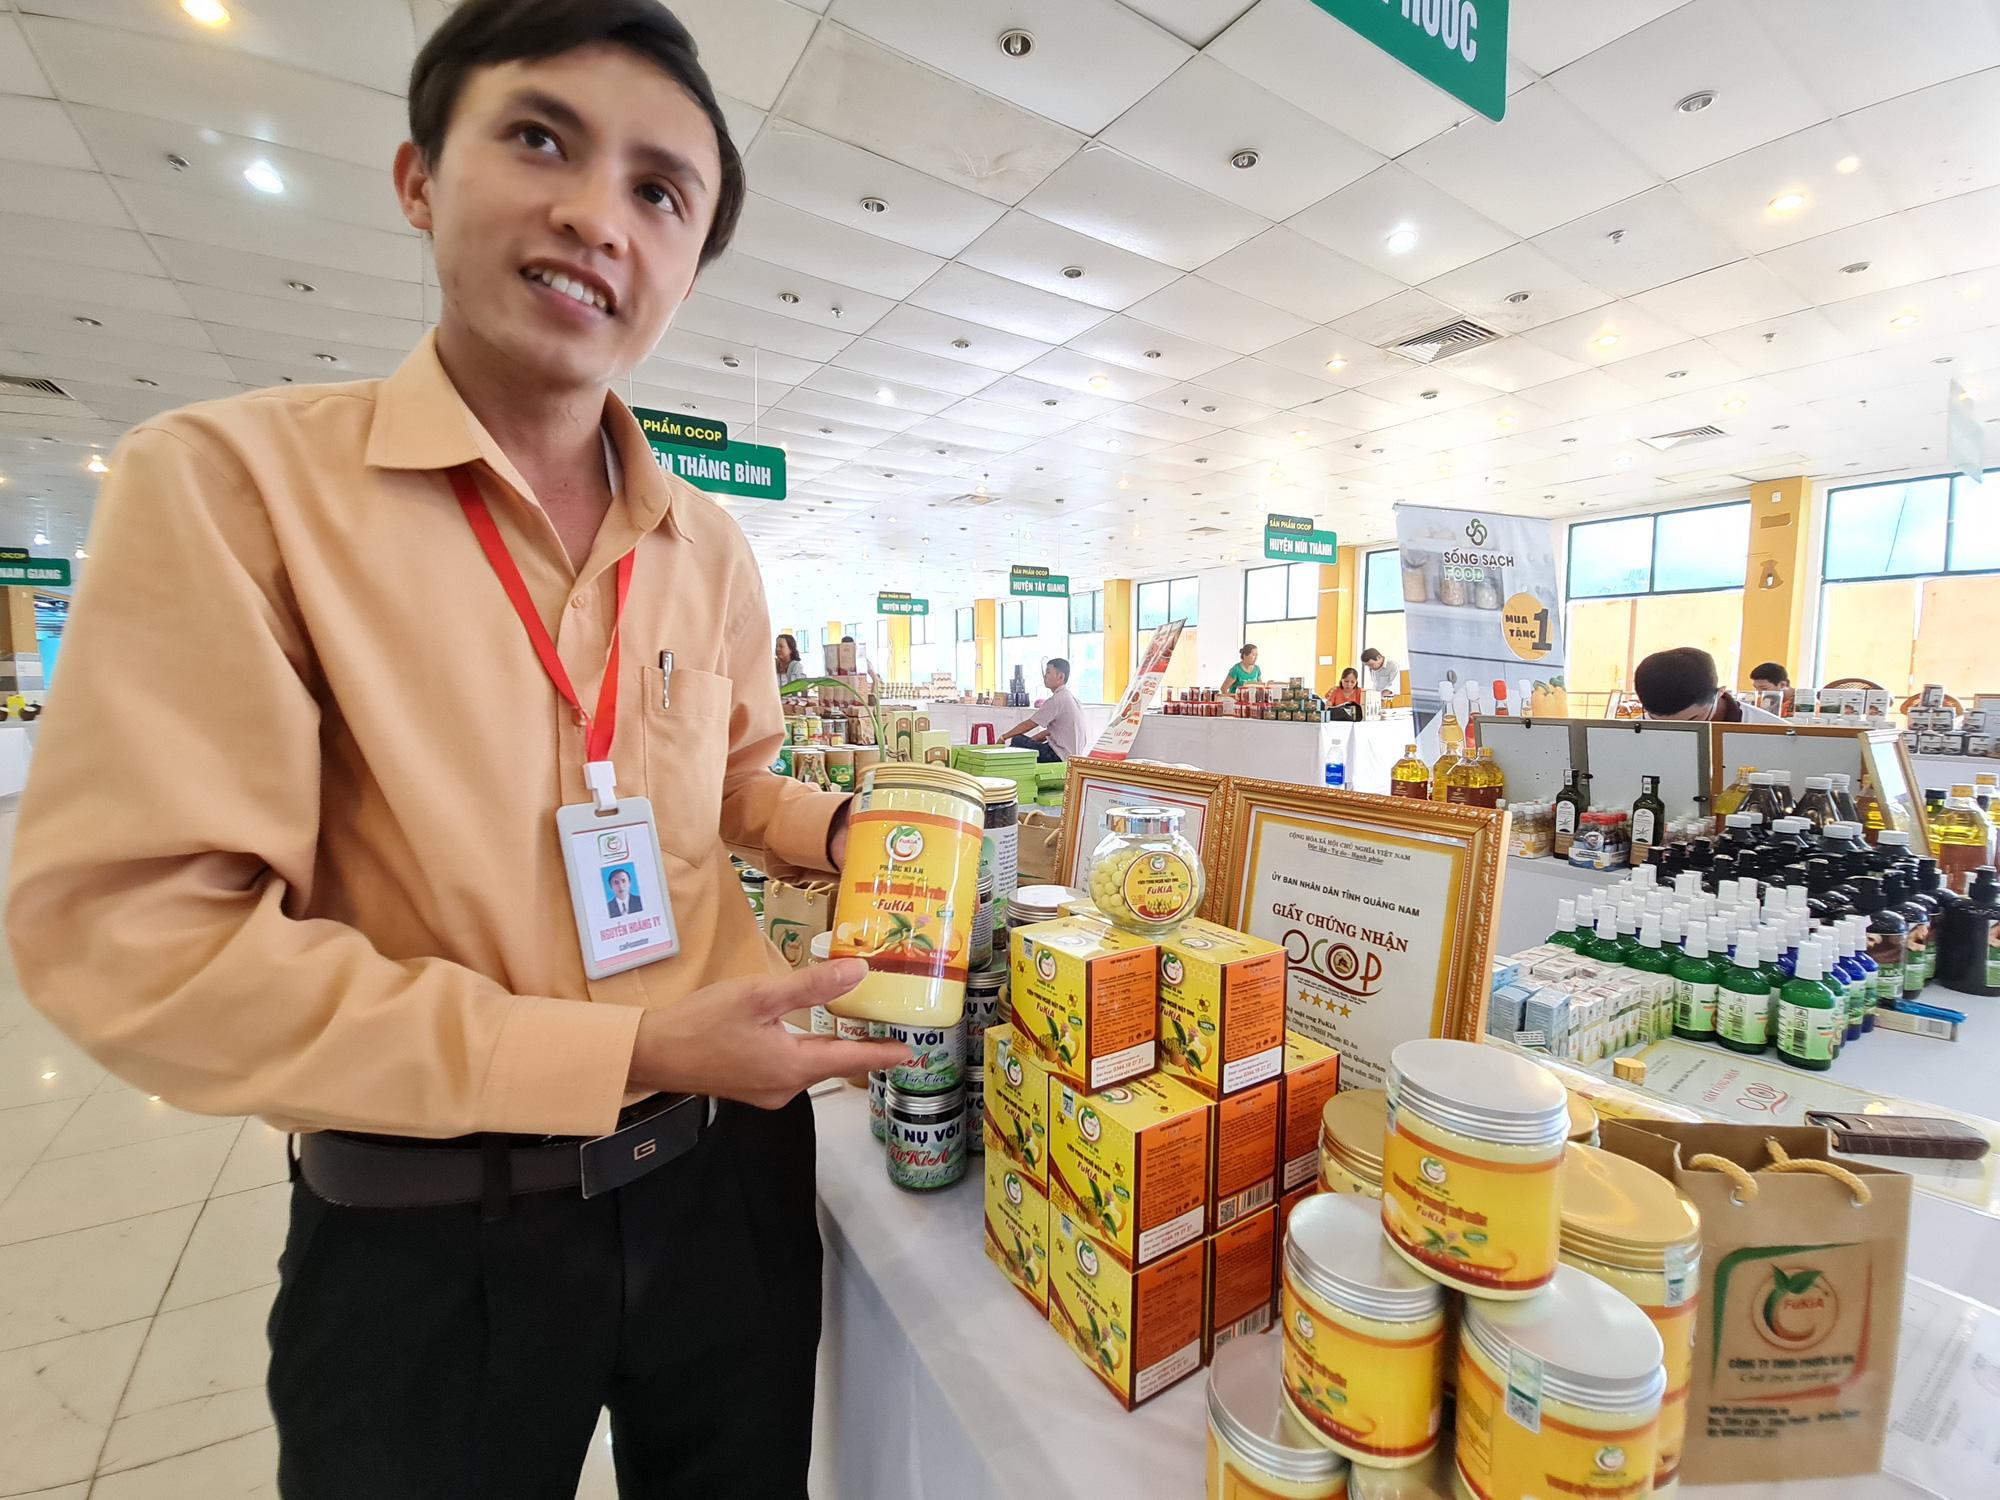 Quảng Nam: Đưa sản phẩm nhà nông gắn sao bay xa thị trường toàn quốc - Ảnh 6.